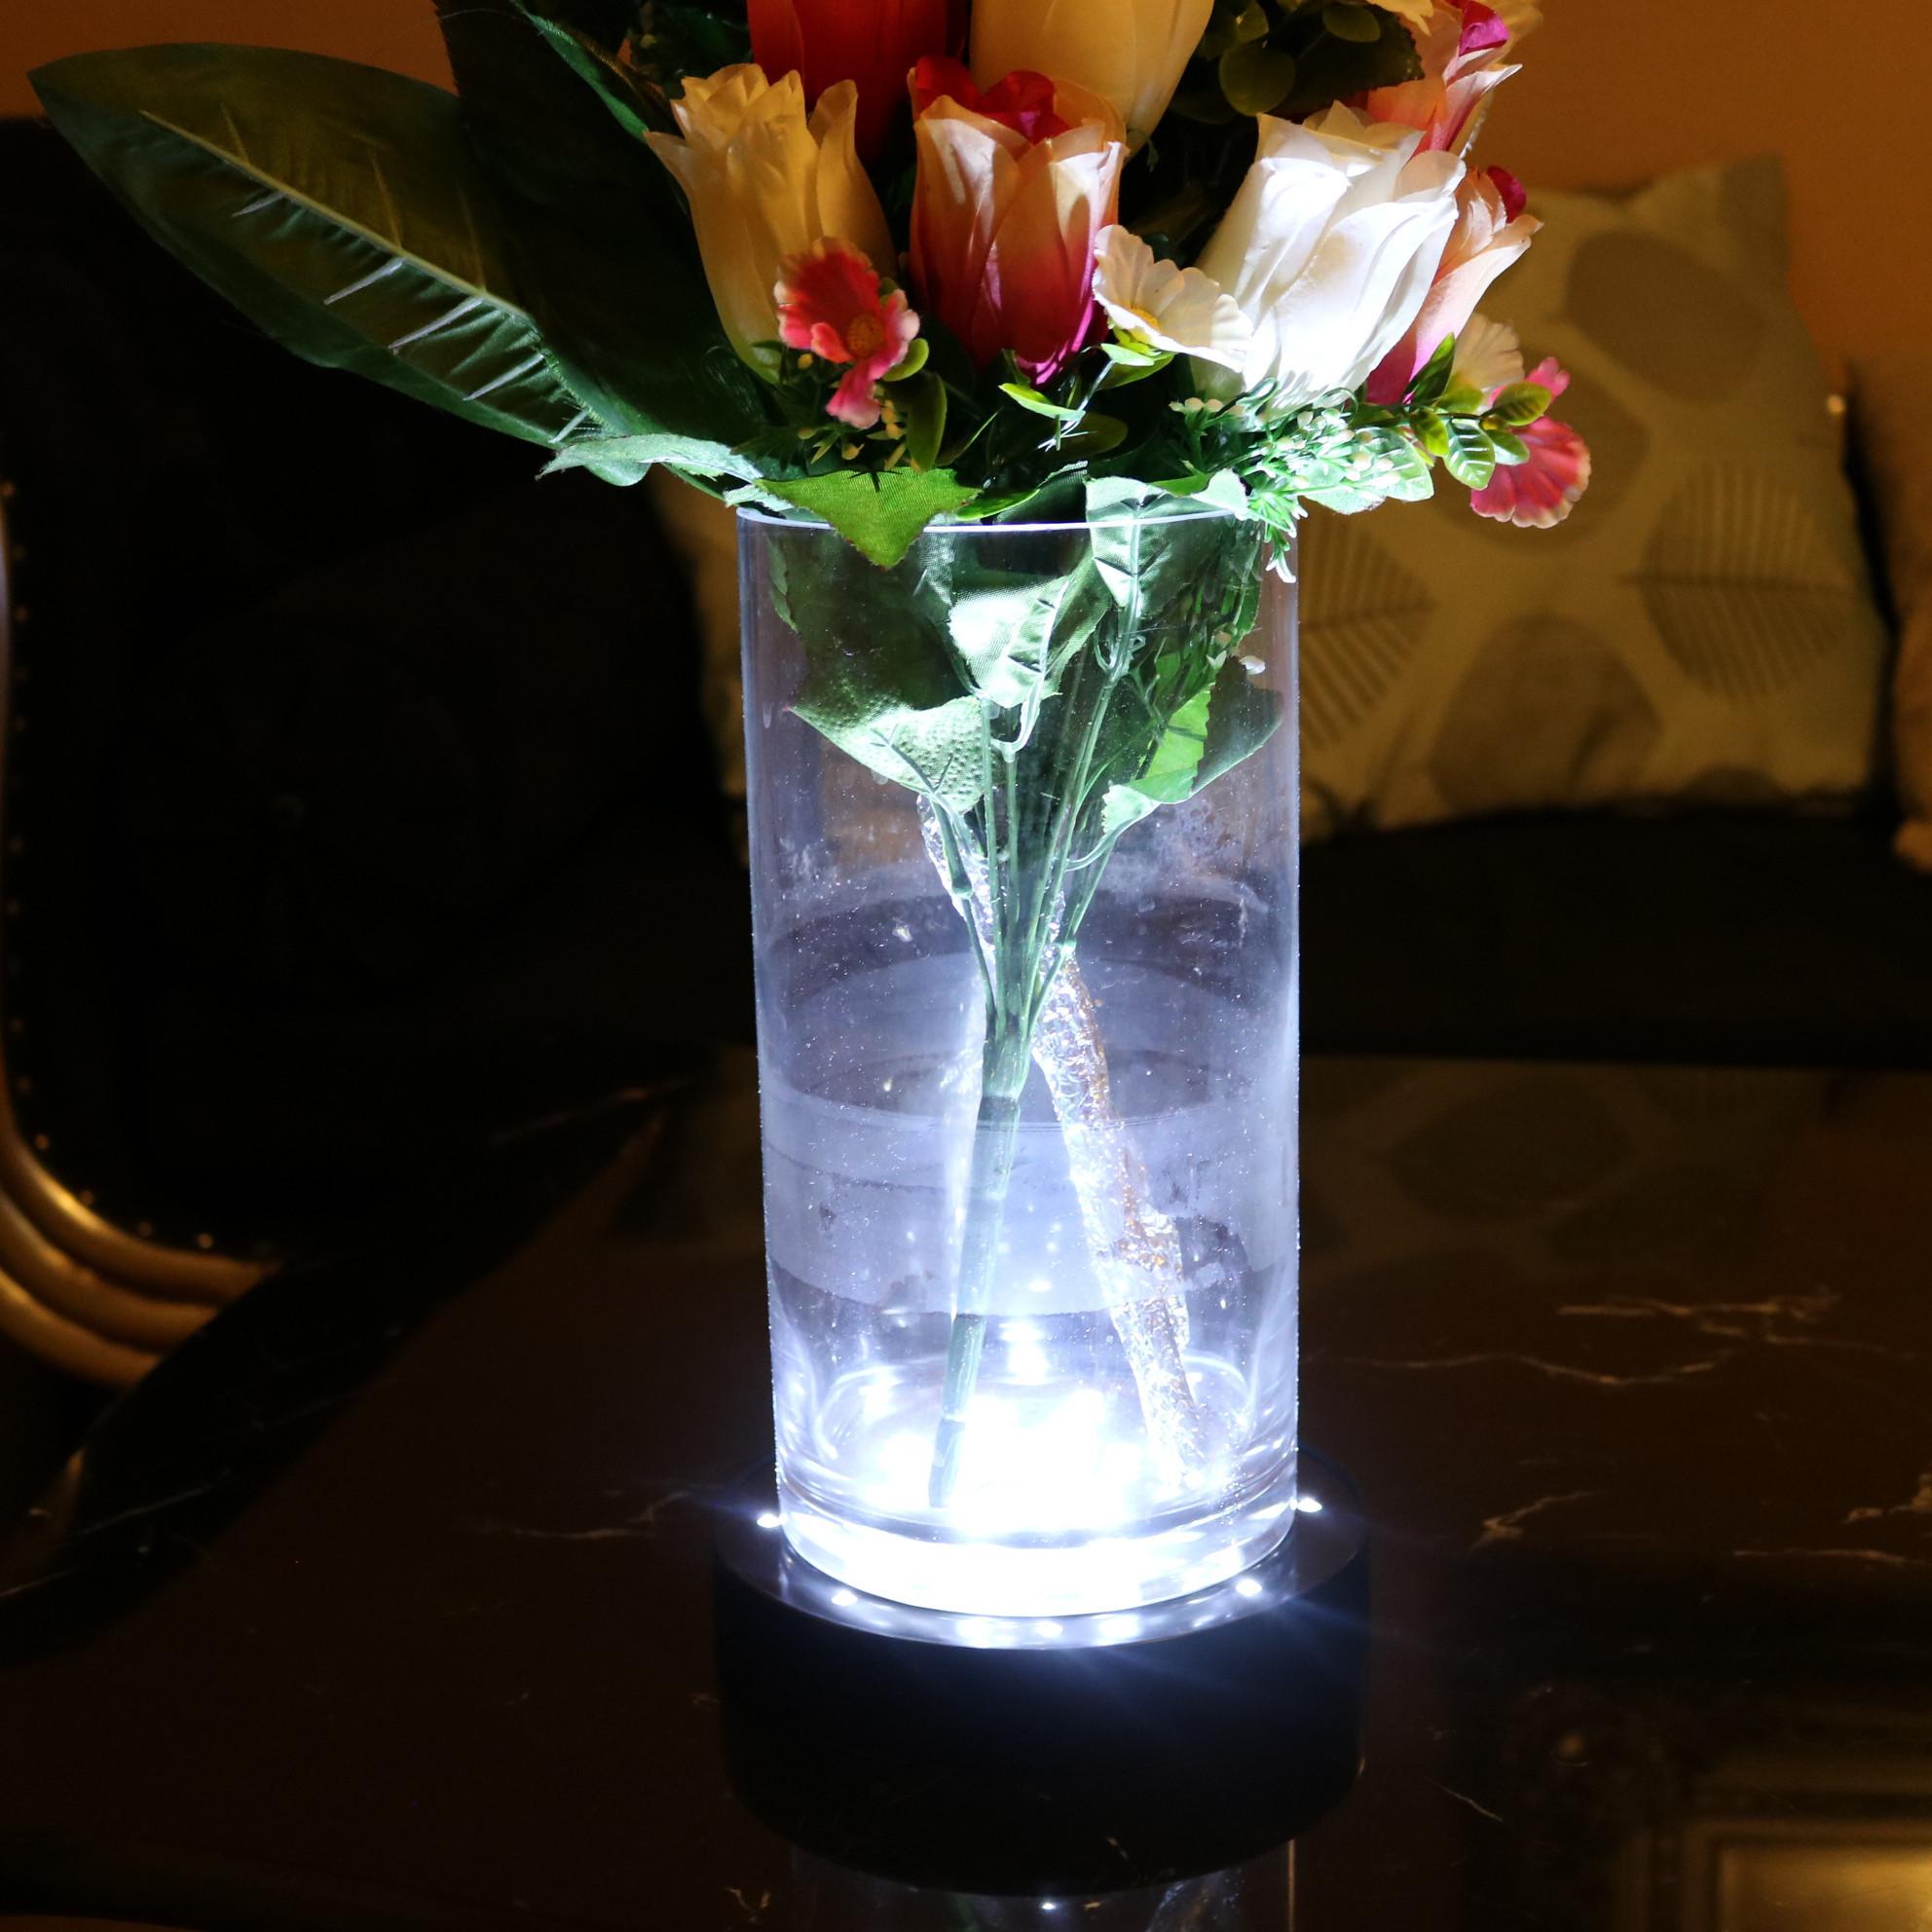 light up vase centerpiece of vase light base images flower table lamp new led cylinder vase 13 4h with flower table lamp new led cylinder vase 13 4h vases lighted 3 4